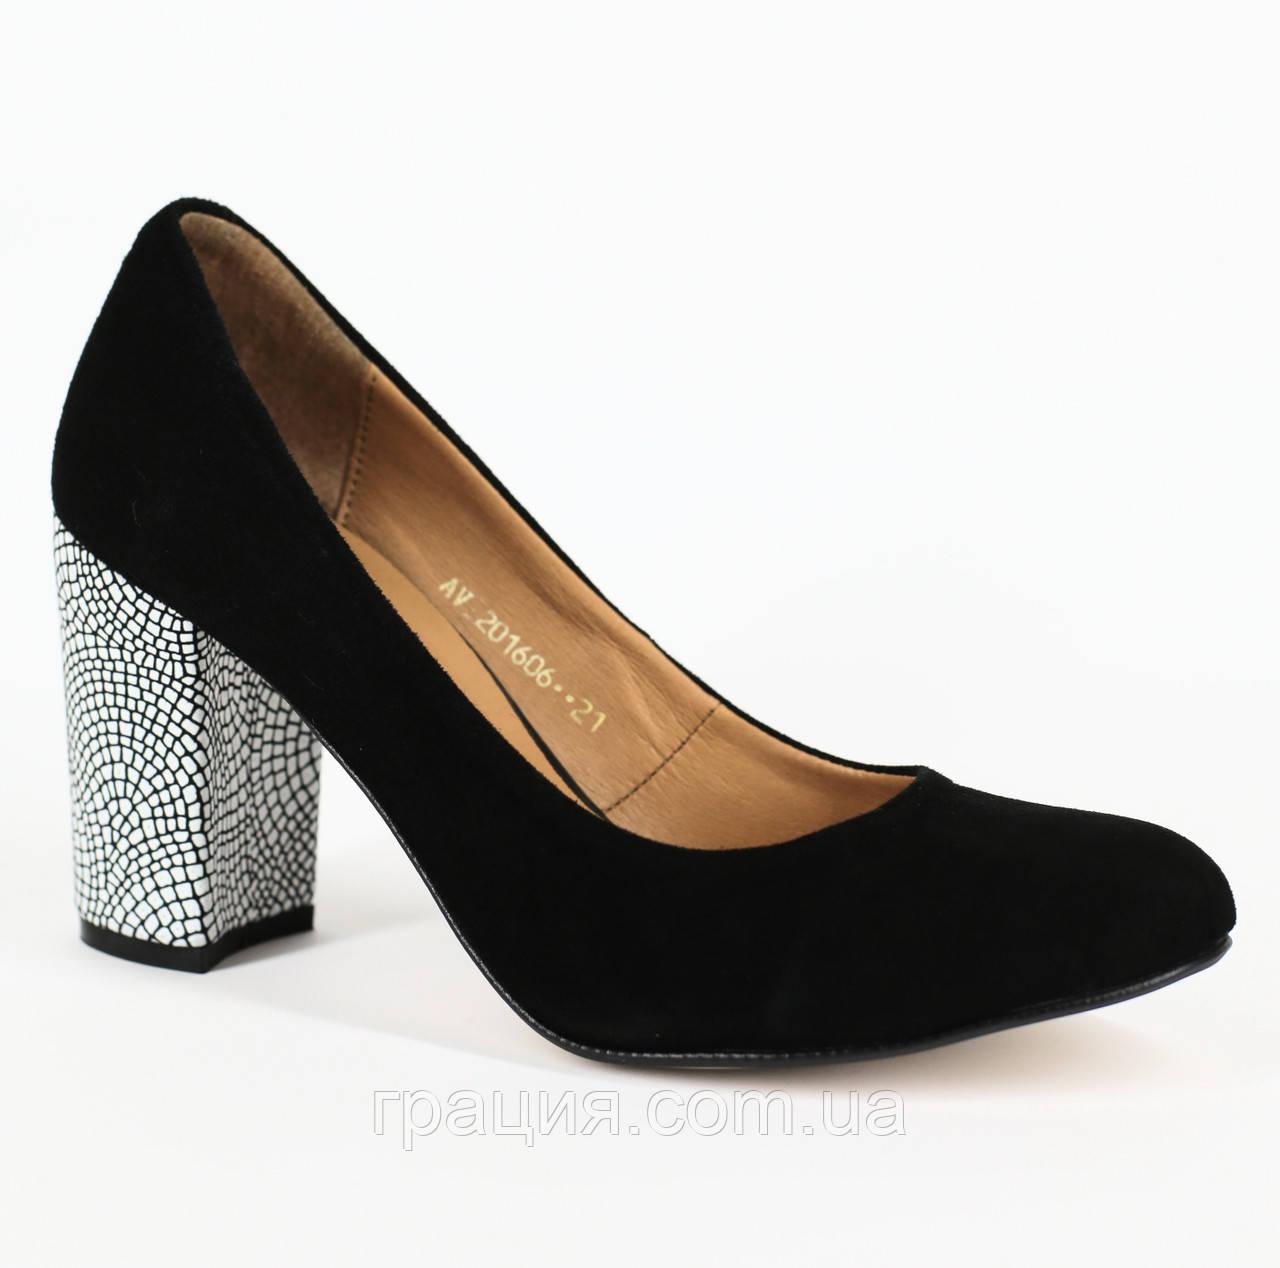 Туфлі жіночі з натуральної замші на підборах